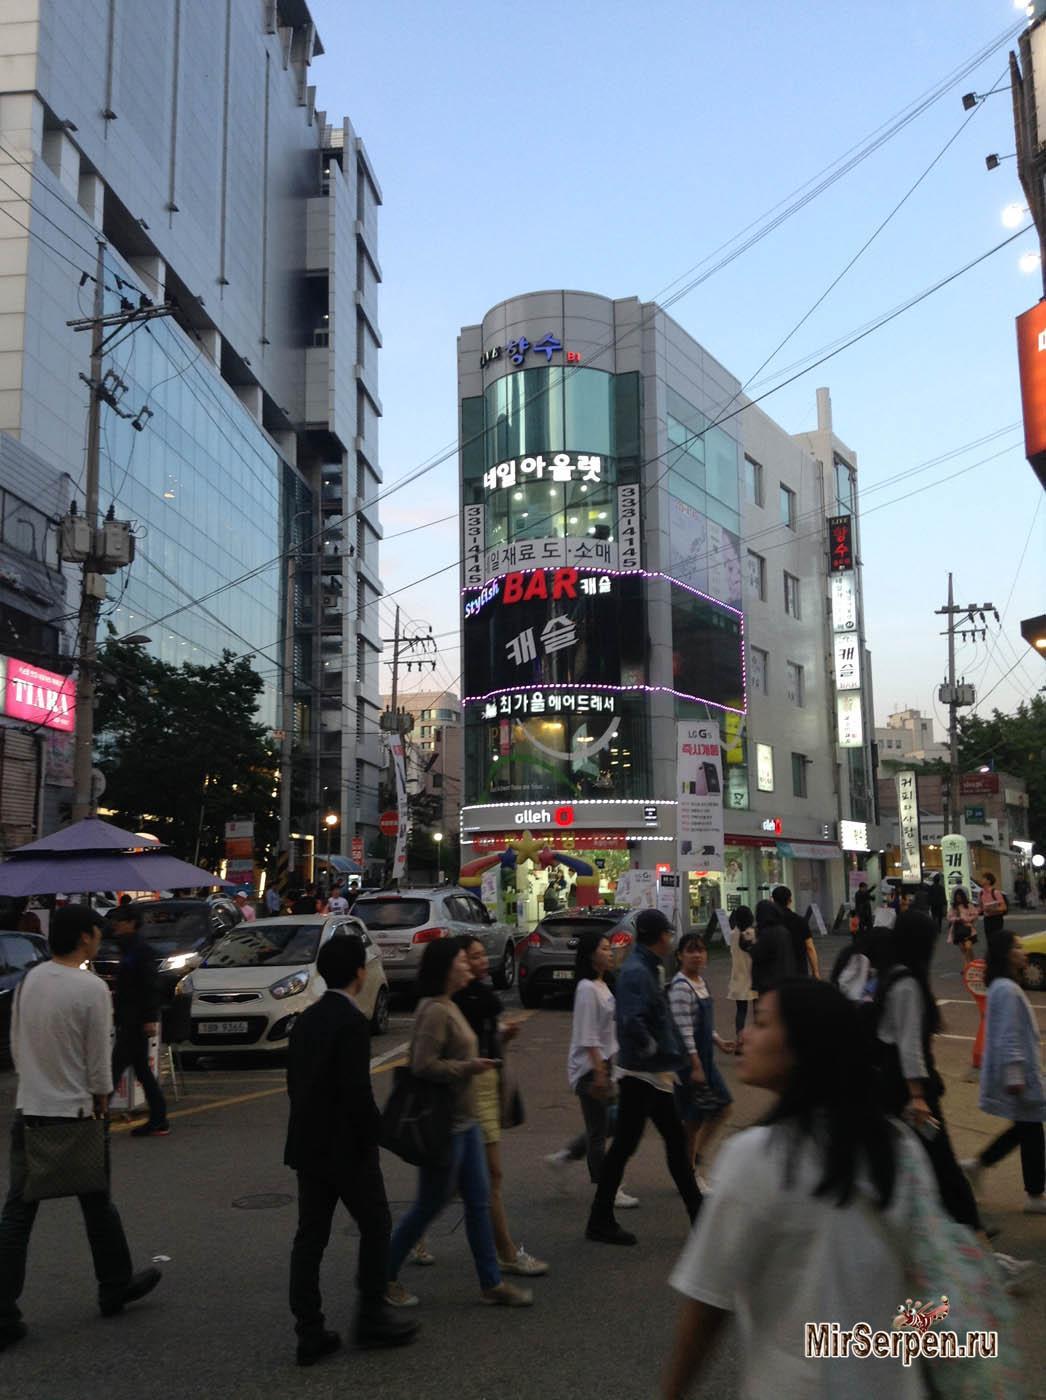 В какой стране живет окружающий мир с точки зрения корейца?